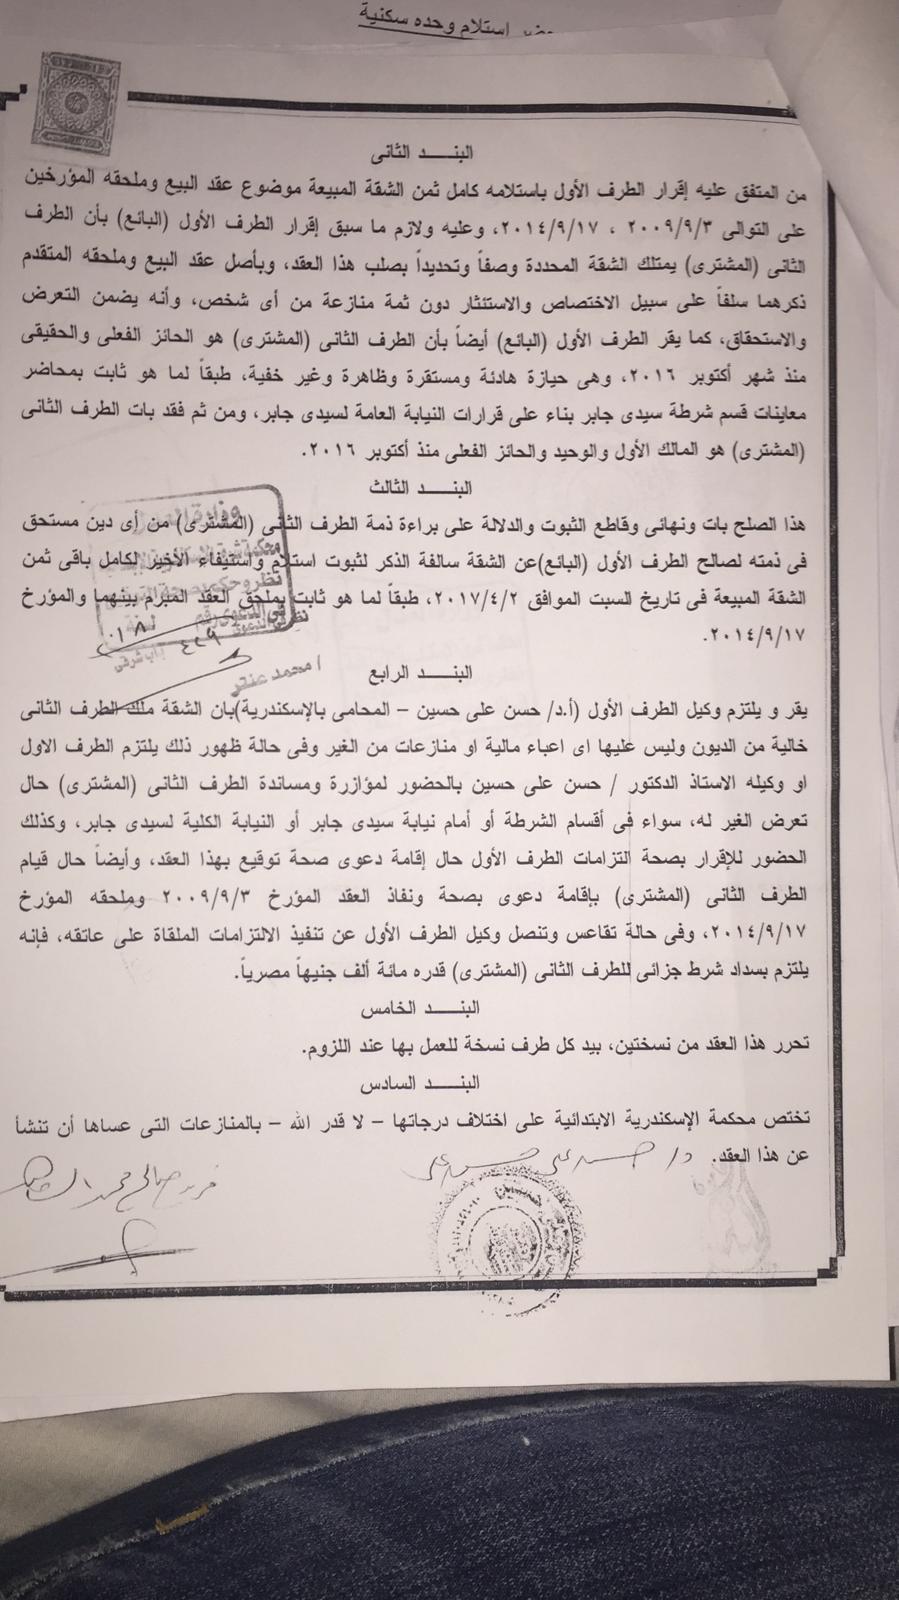 أزمة مشروع سيتي بالاس بالإسكندرية (61)